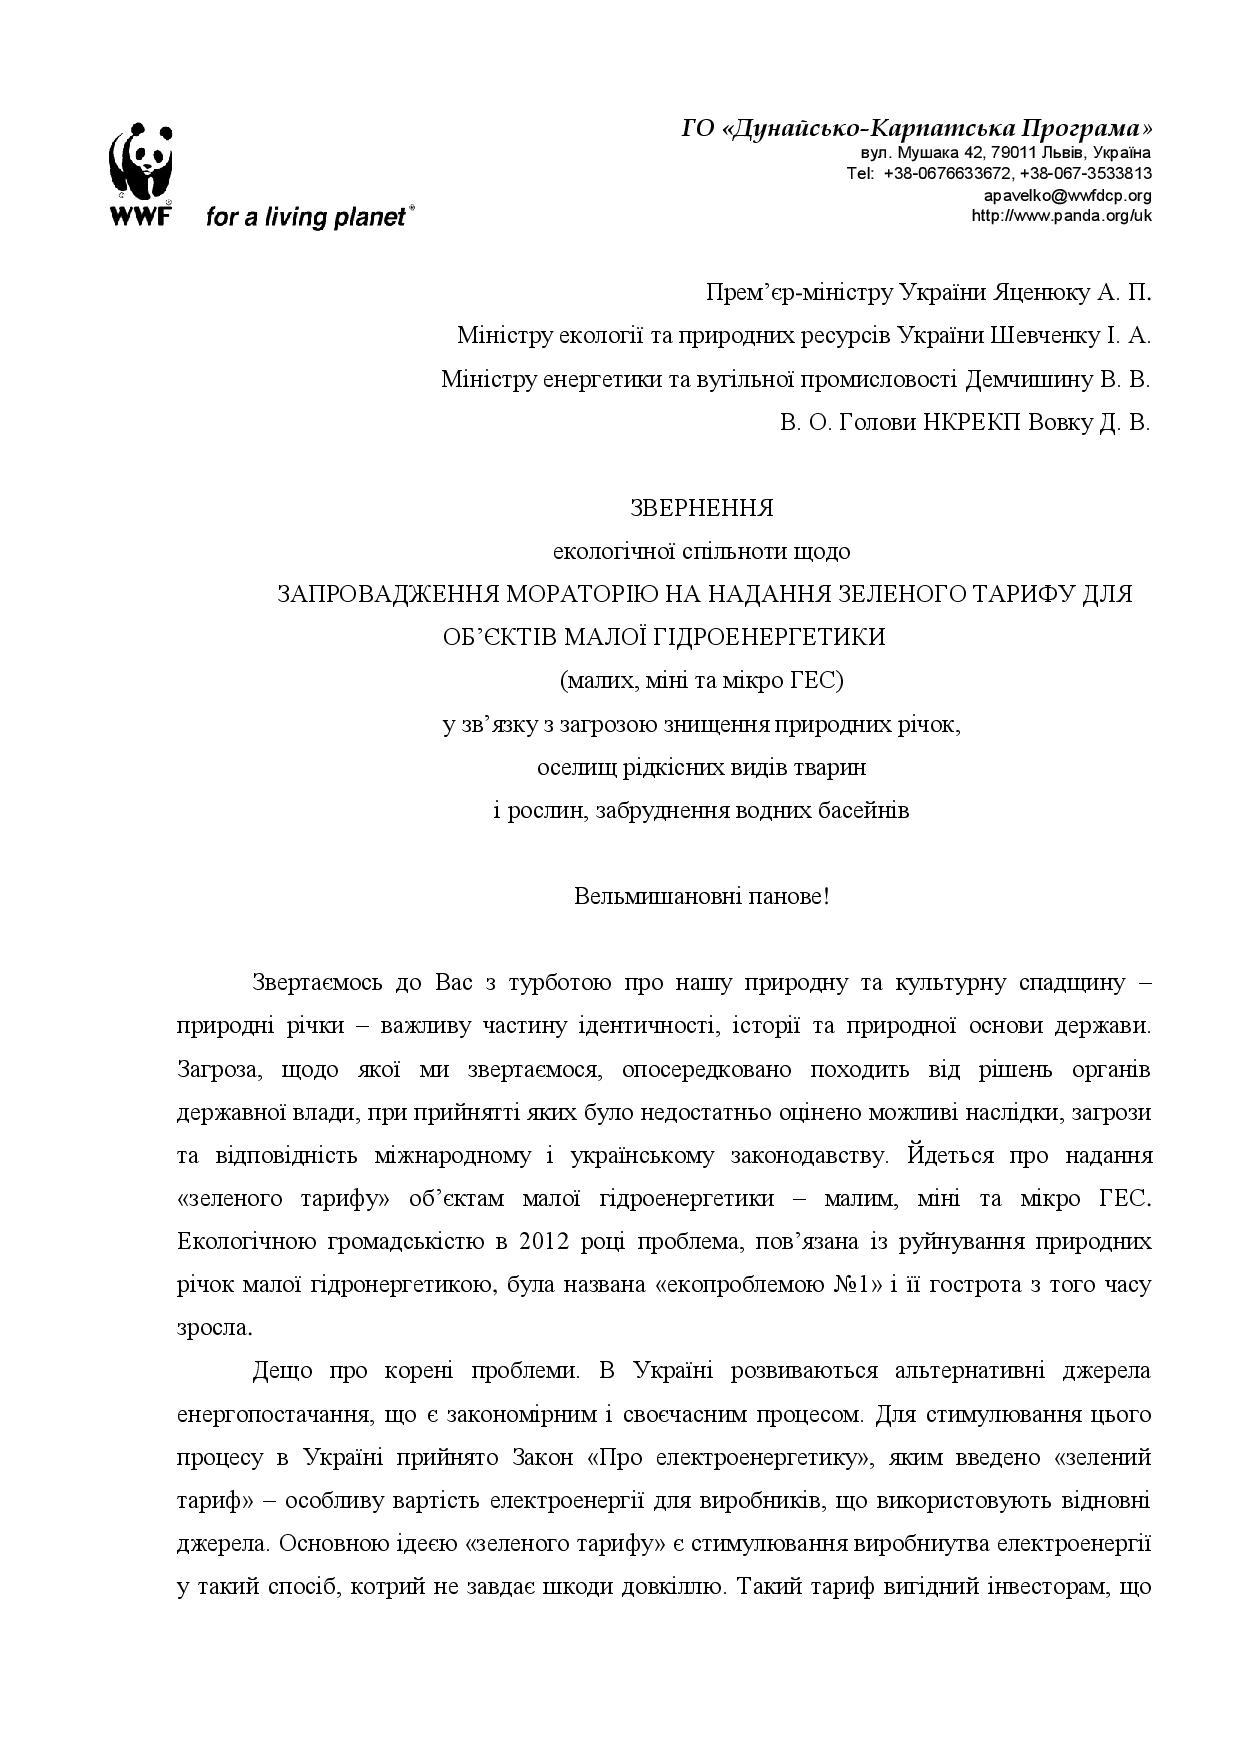 Звернення - зелений тариф-page-001